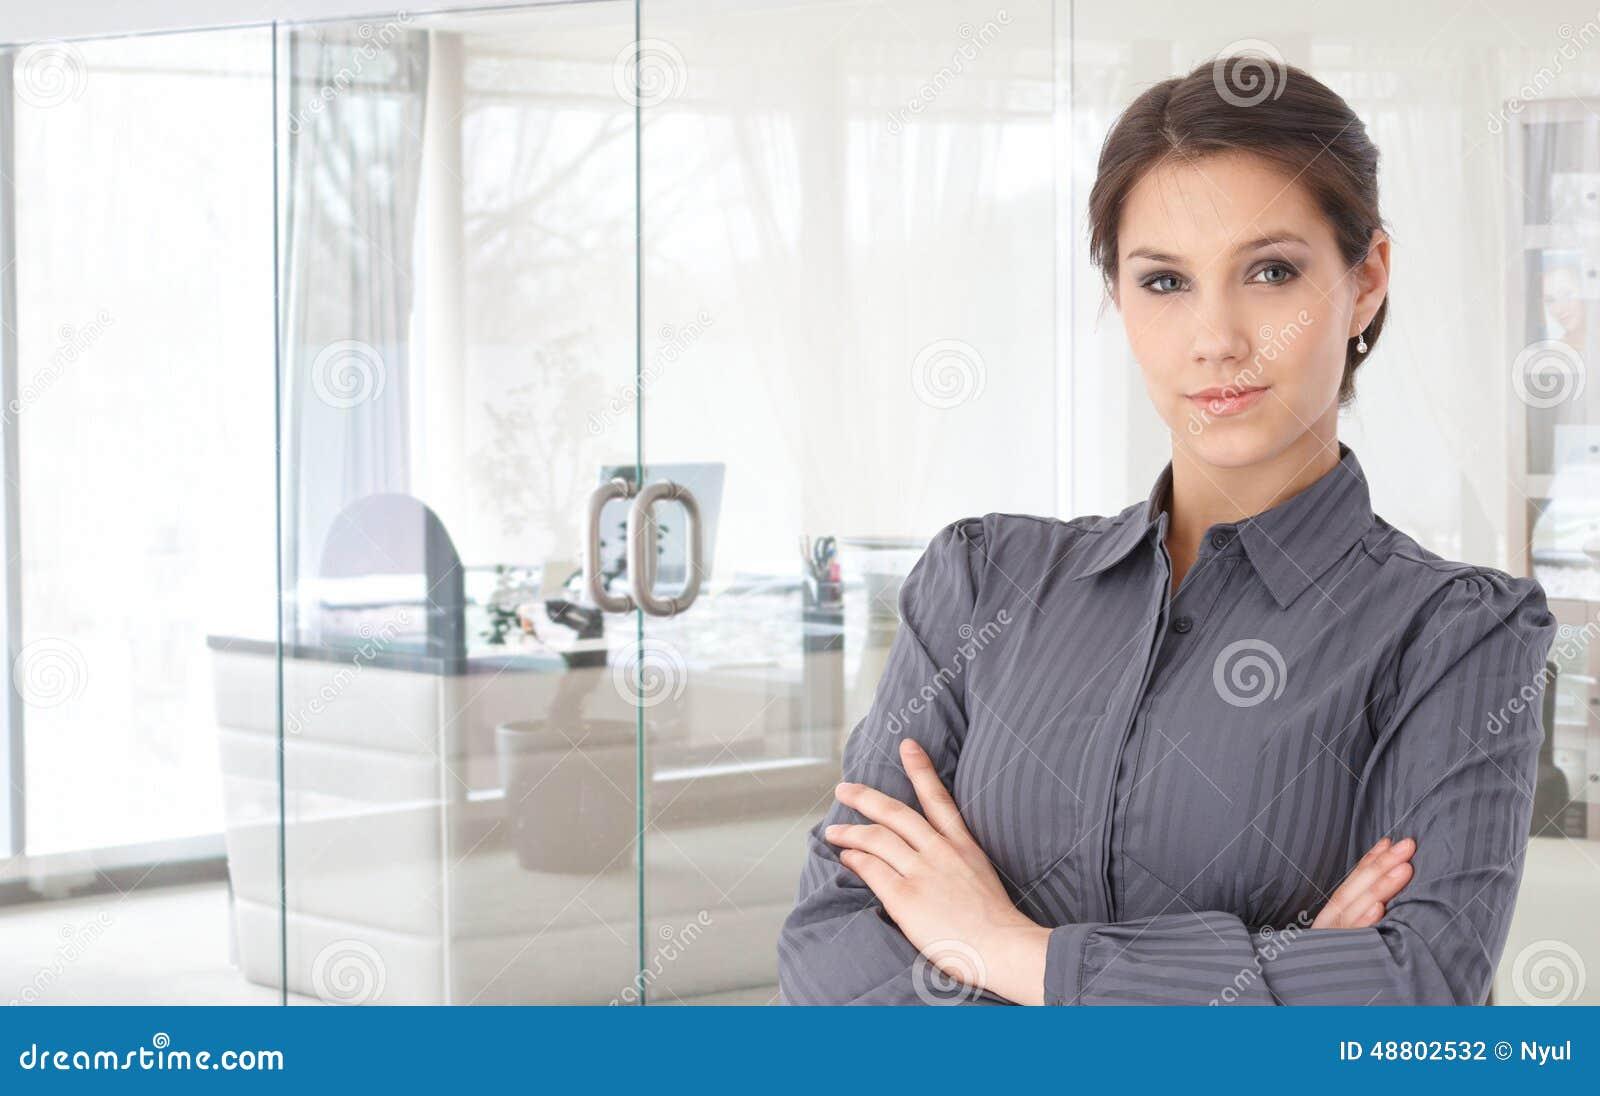 Portrait der überzeugten jungen Geschäftsfrau